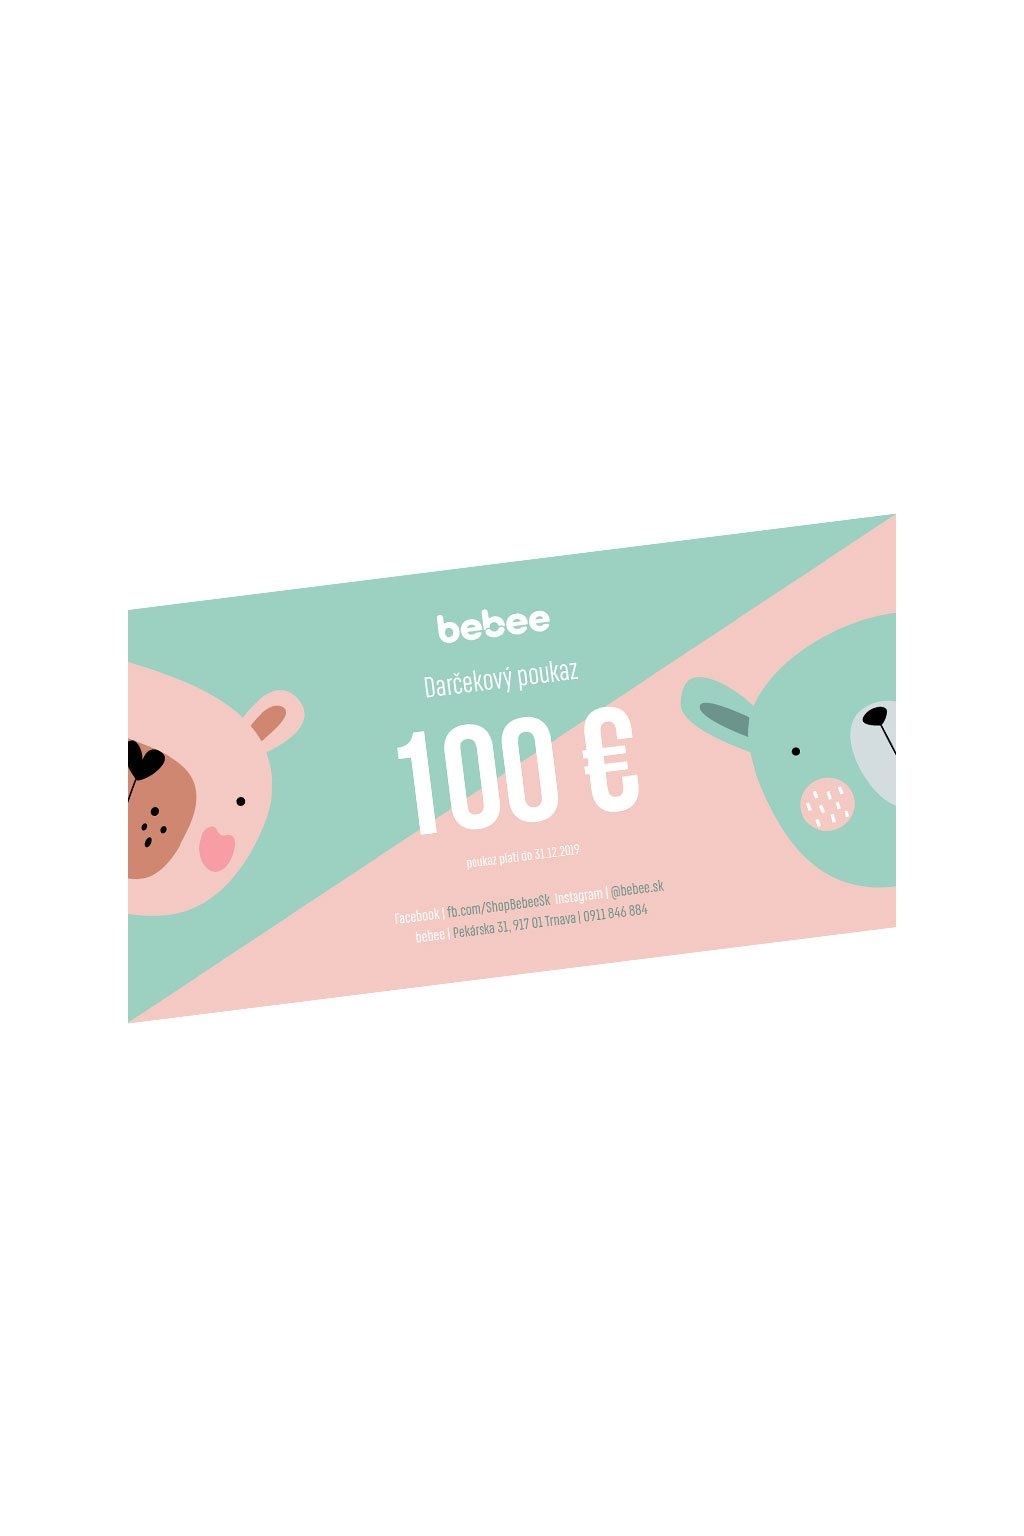 darcekovy poukaz bebee 100e